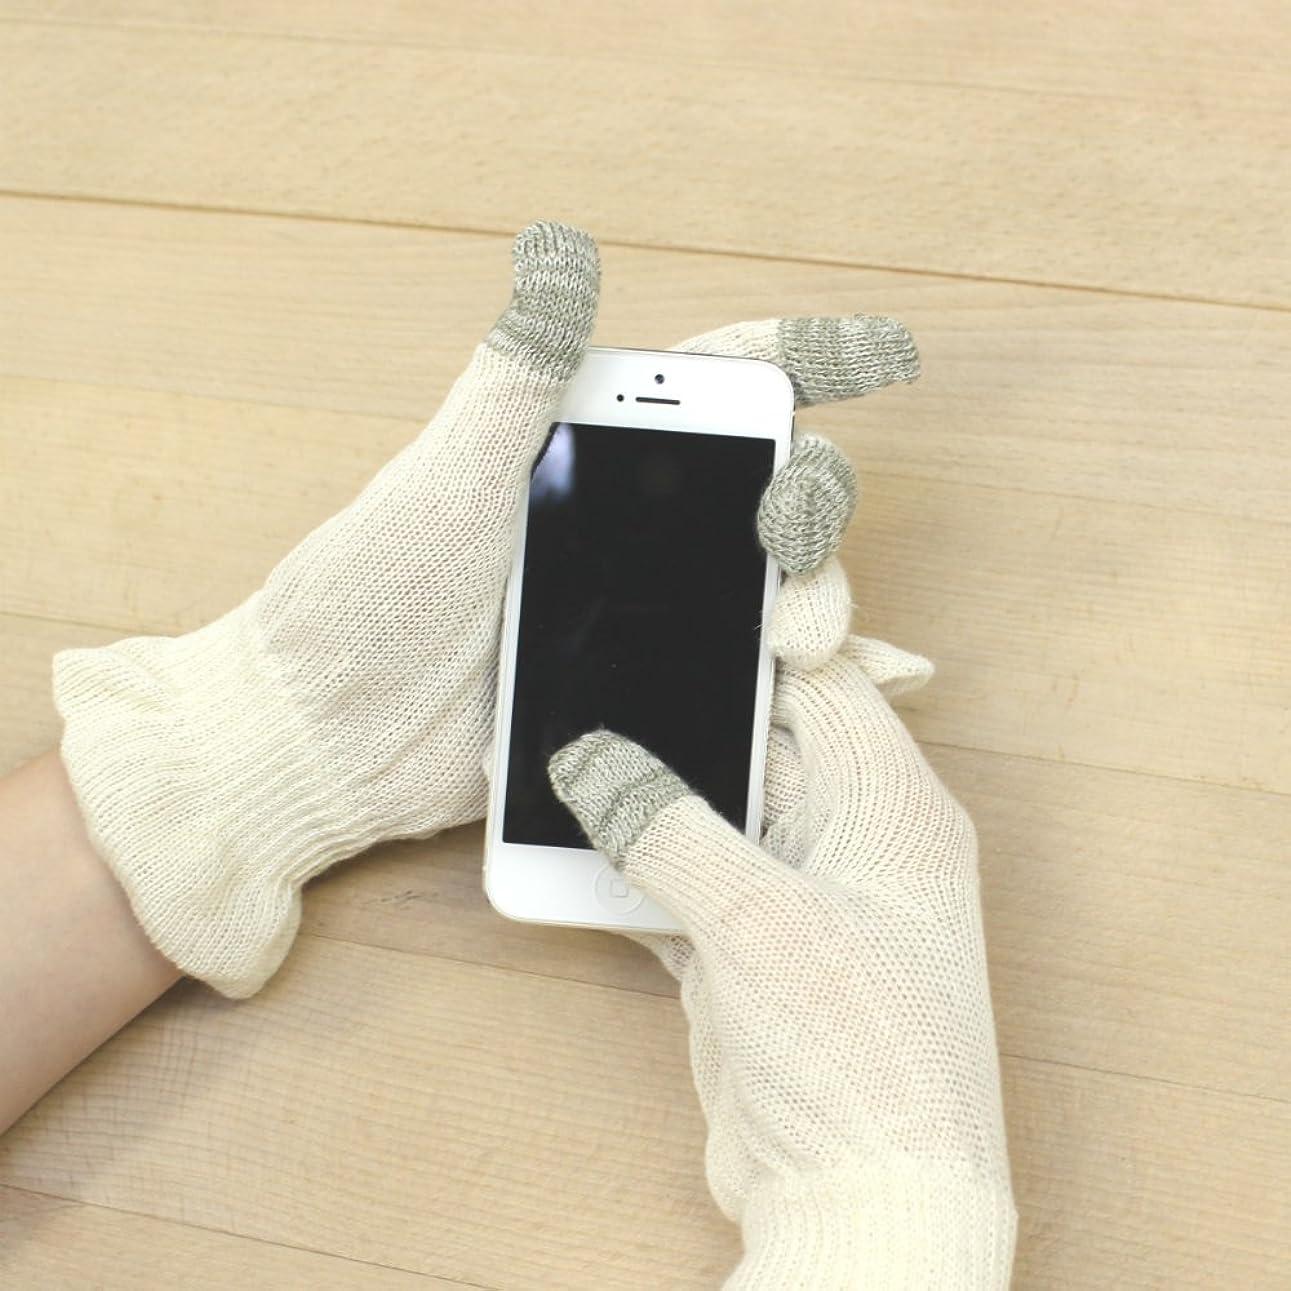 超えて改善するスローガン麻福 就寝用 スマホ対応手袋 [寝ている間に保湿で手荒れケア おやすみ手袋] タッチパネル 麻福特製ヘンプ糸 Sサイズ (女性ジャストフィット) きなり色 手荒れ予防